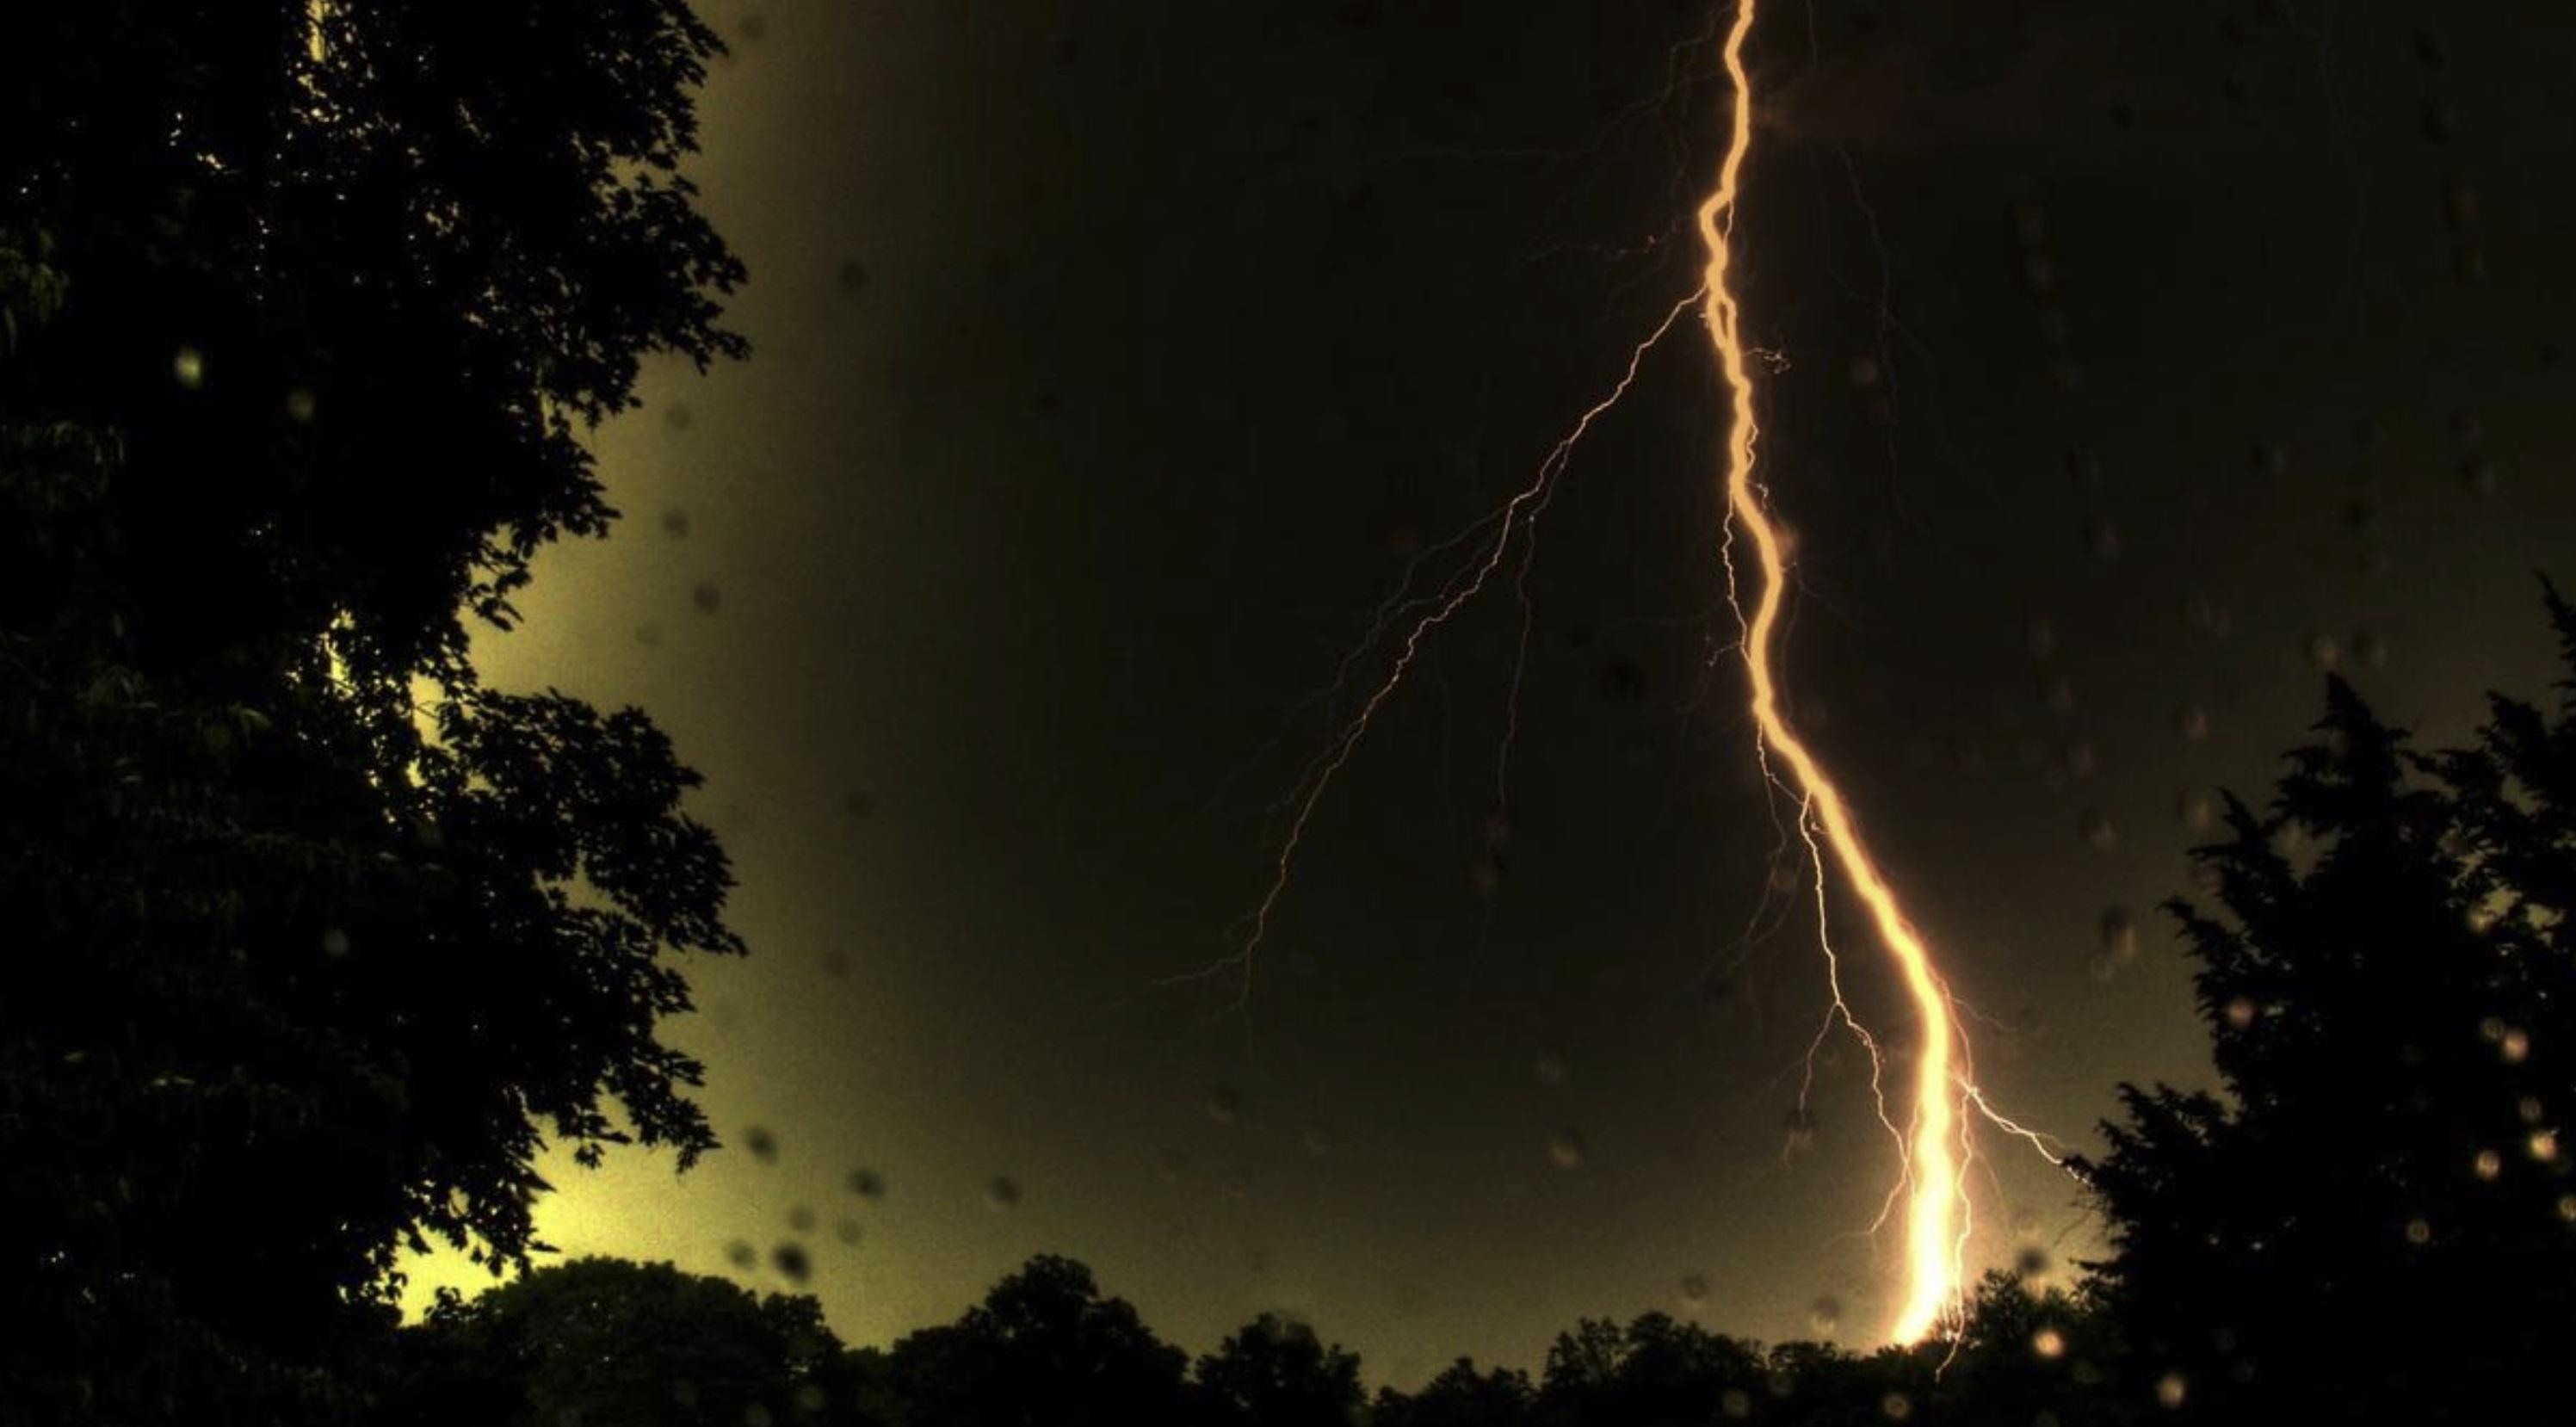 2021-05-22 Lightning